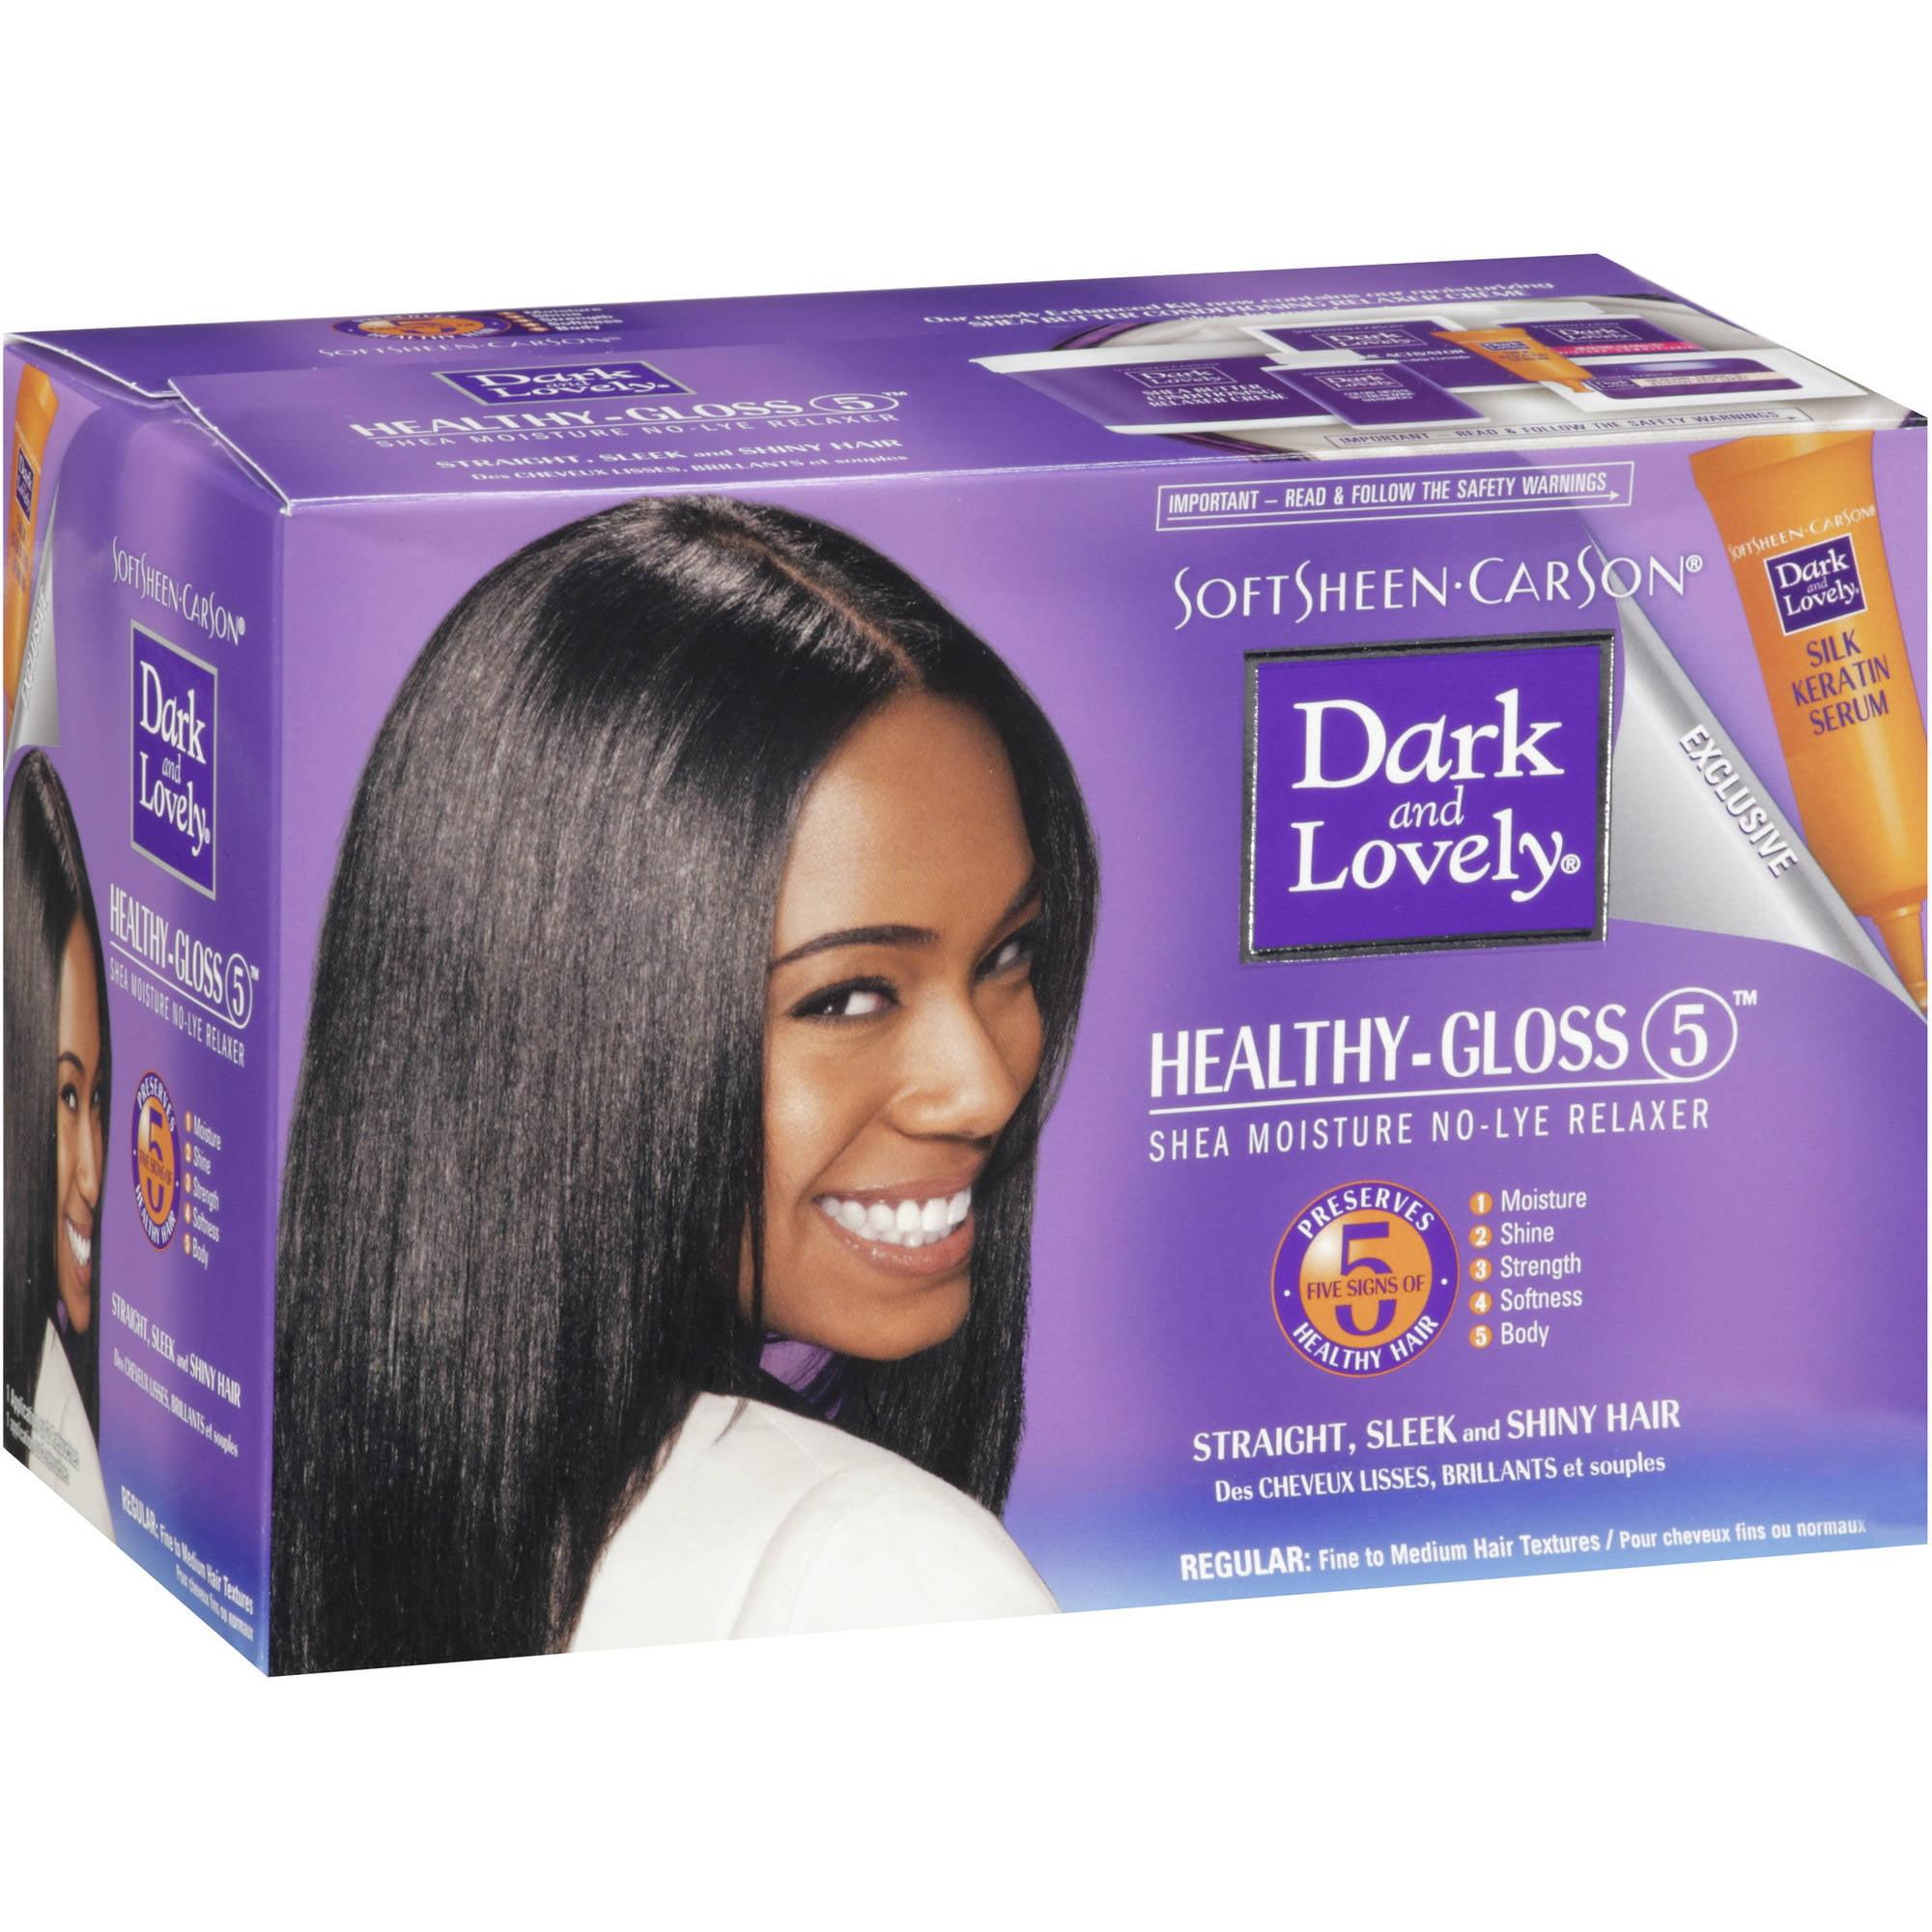 Dark & Lovely Healthy Gloss 5 Relaxer, Regular Strength